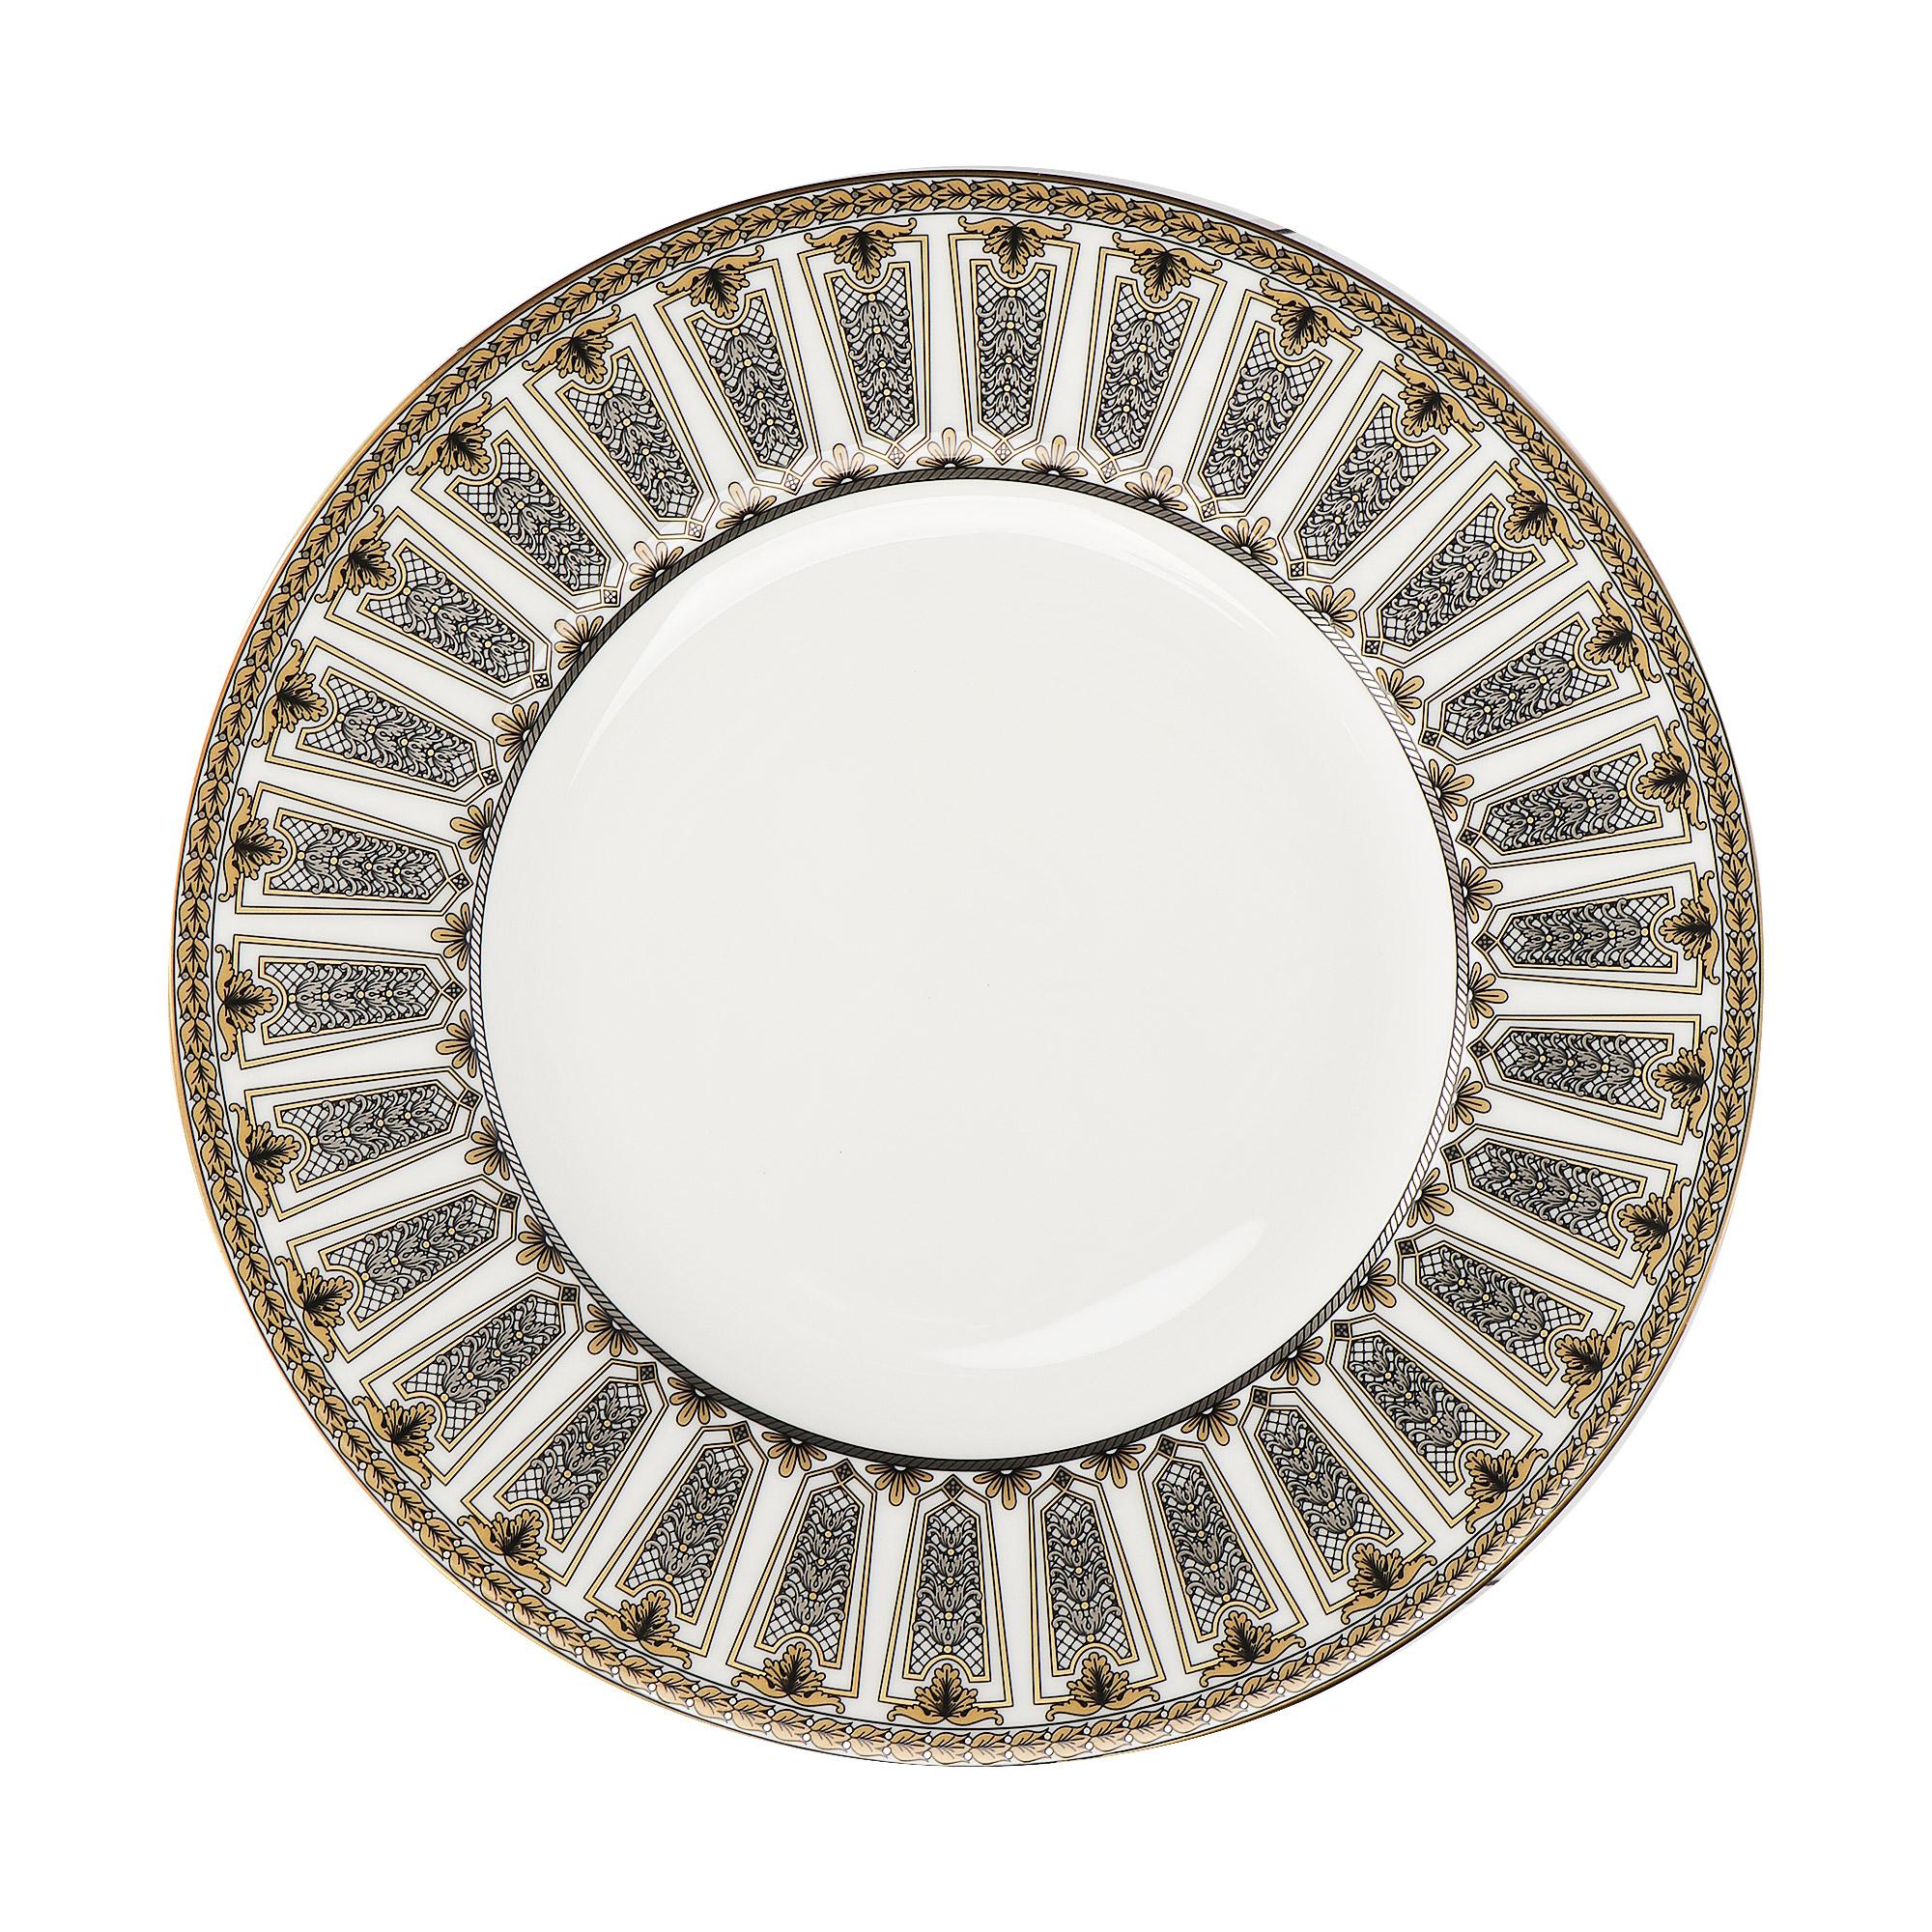 Фото - Набор тарелок Hankook/Prouna Треллис 22 см 6 шт набор суповых тарелок hankook prouna эпл би 23 см 6 шт